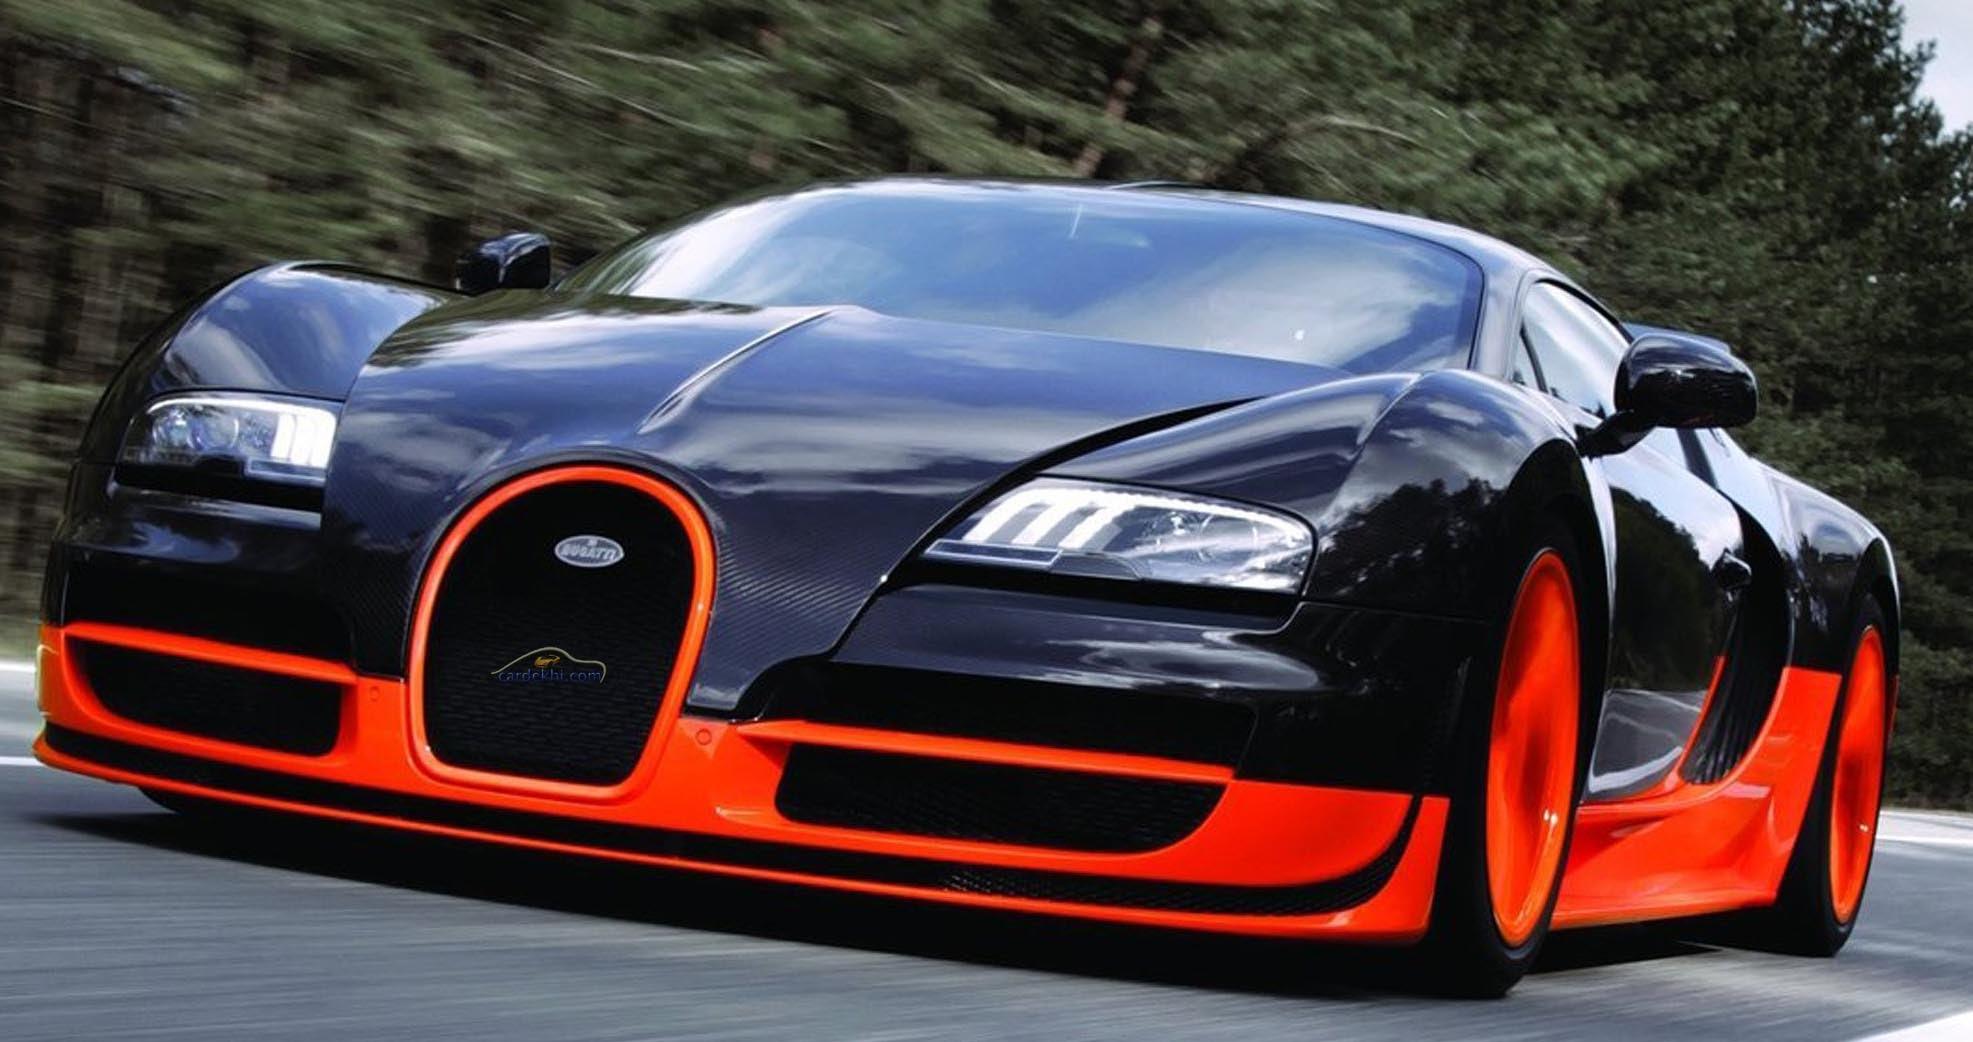 صورة احسن سيارة في العالم , متع فكرك بالمعرفه